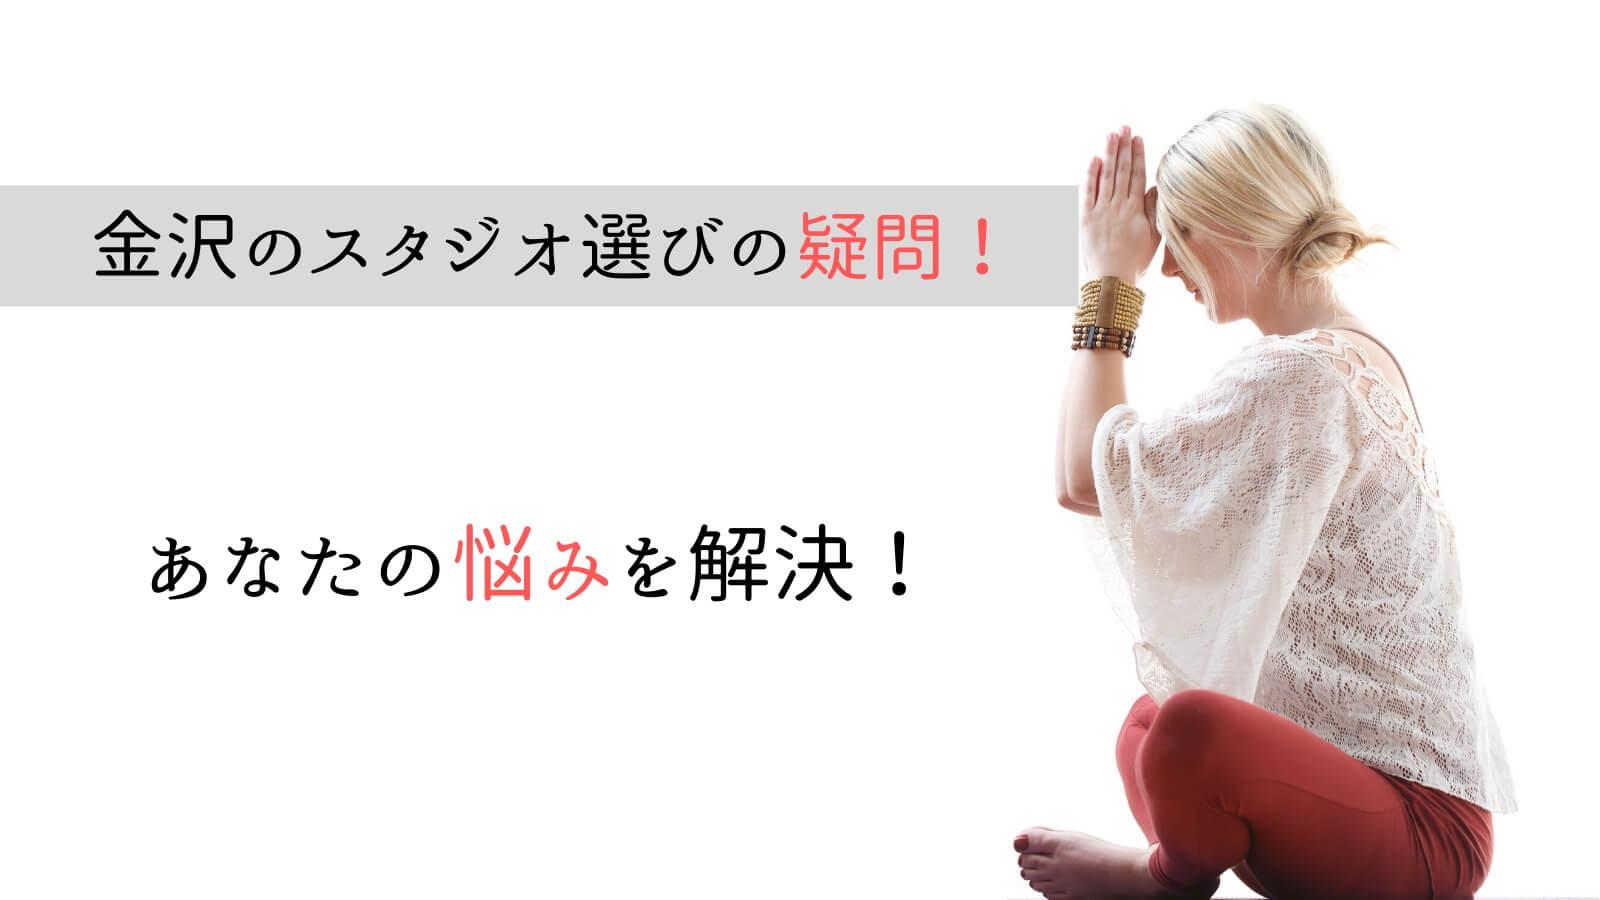 金沢でのヨガ・ホットヨガスタジオ選びに関するQ&A